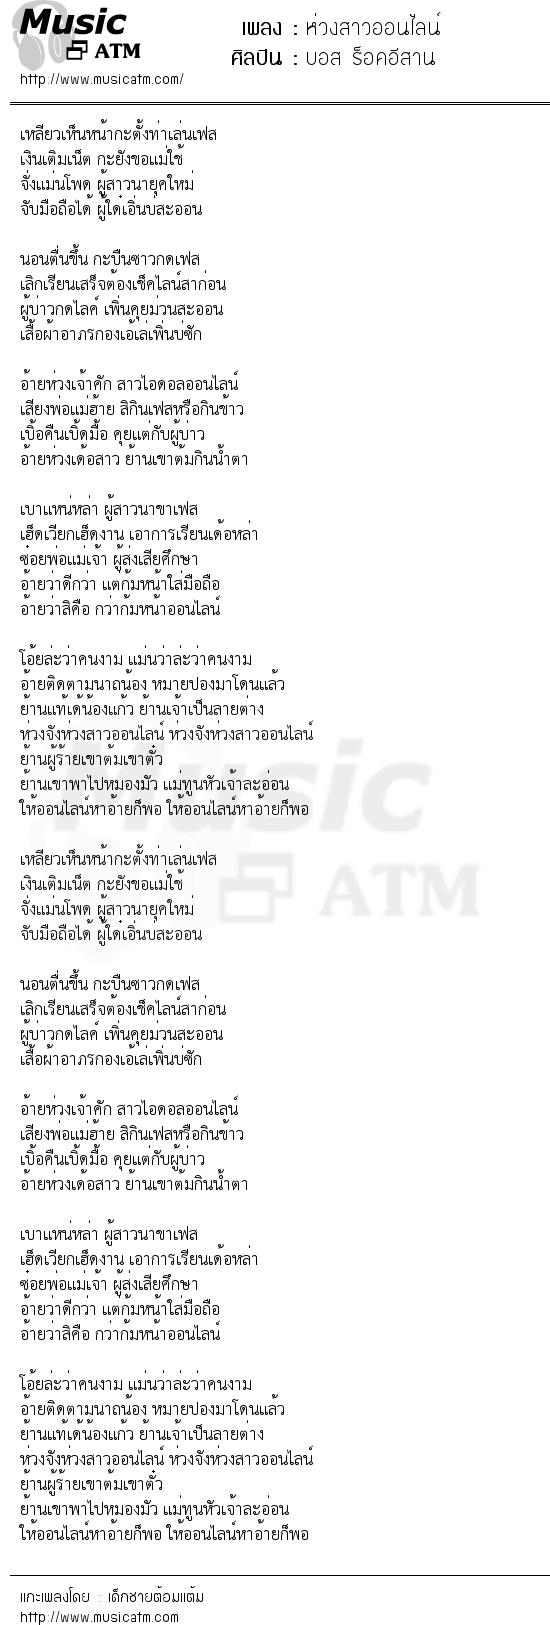 ห่วงสาวออนไลน์   เพลงไทย